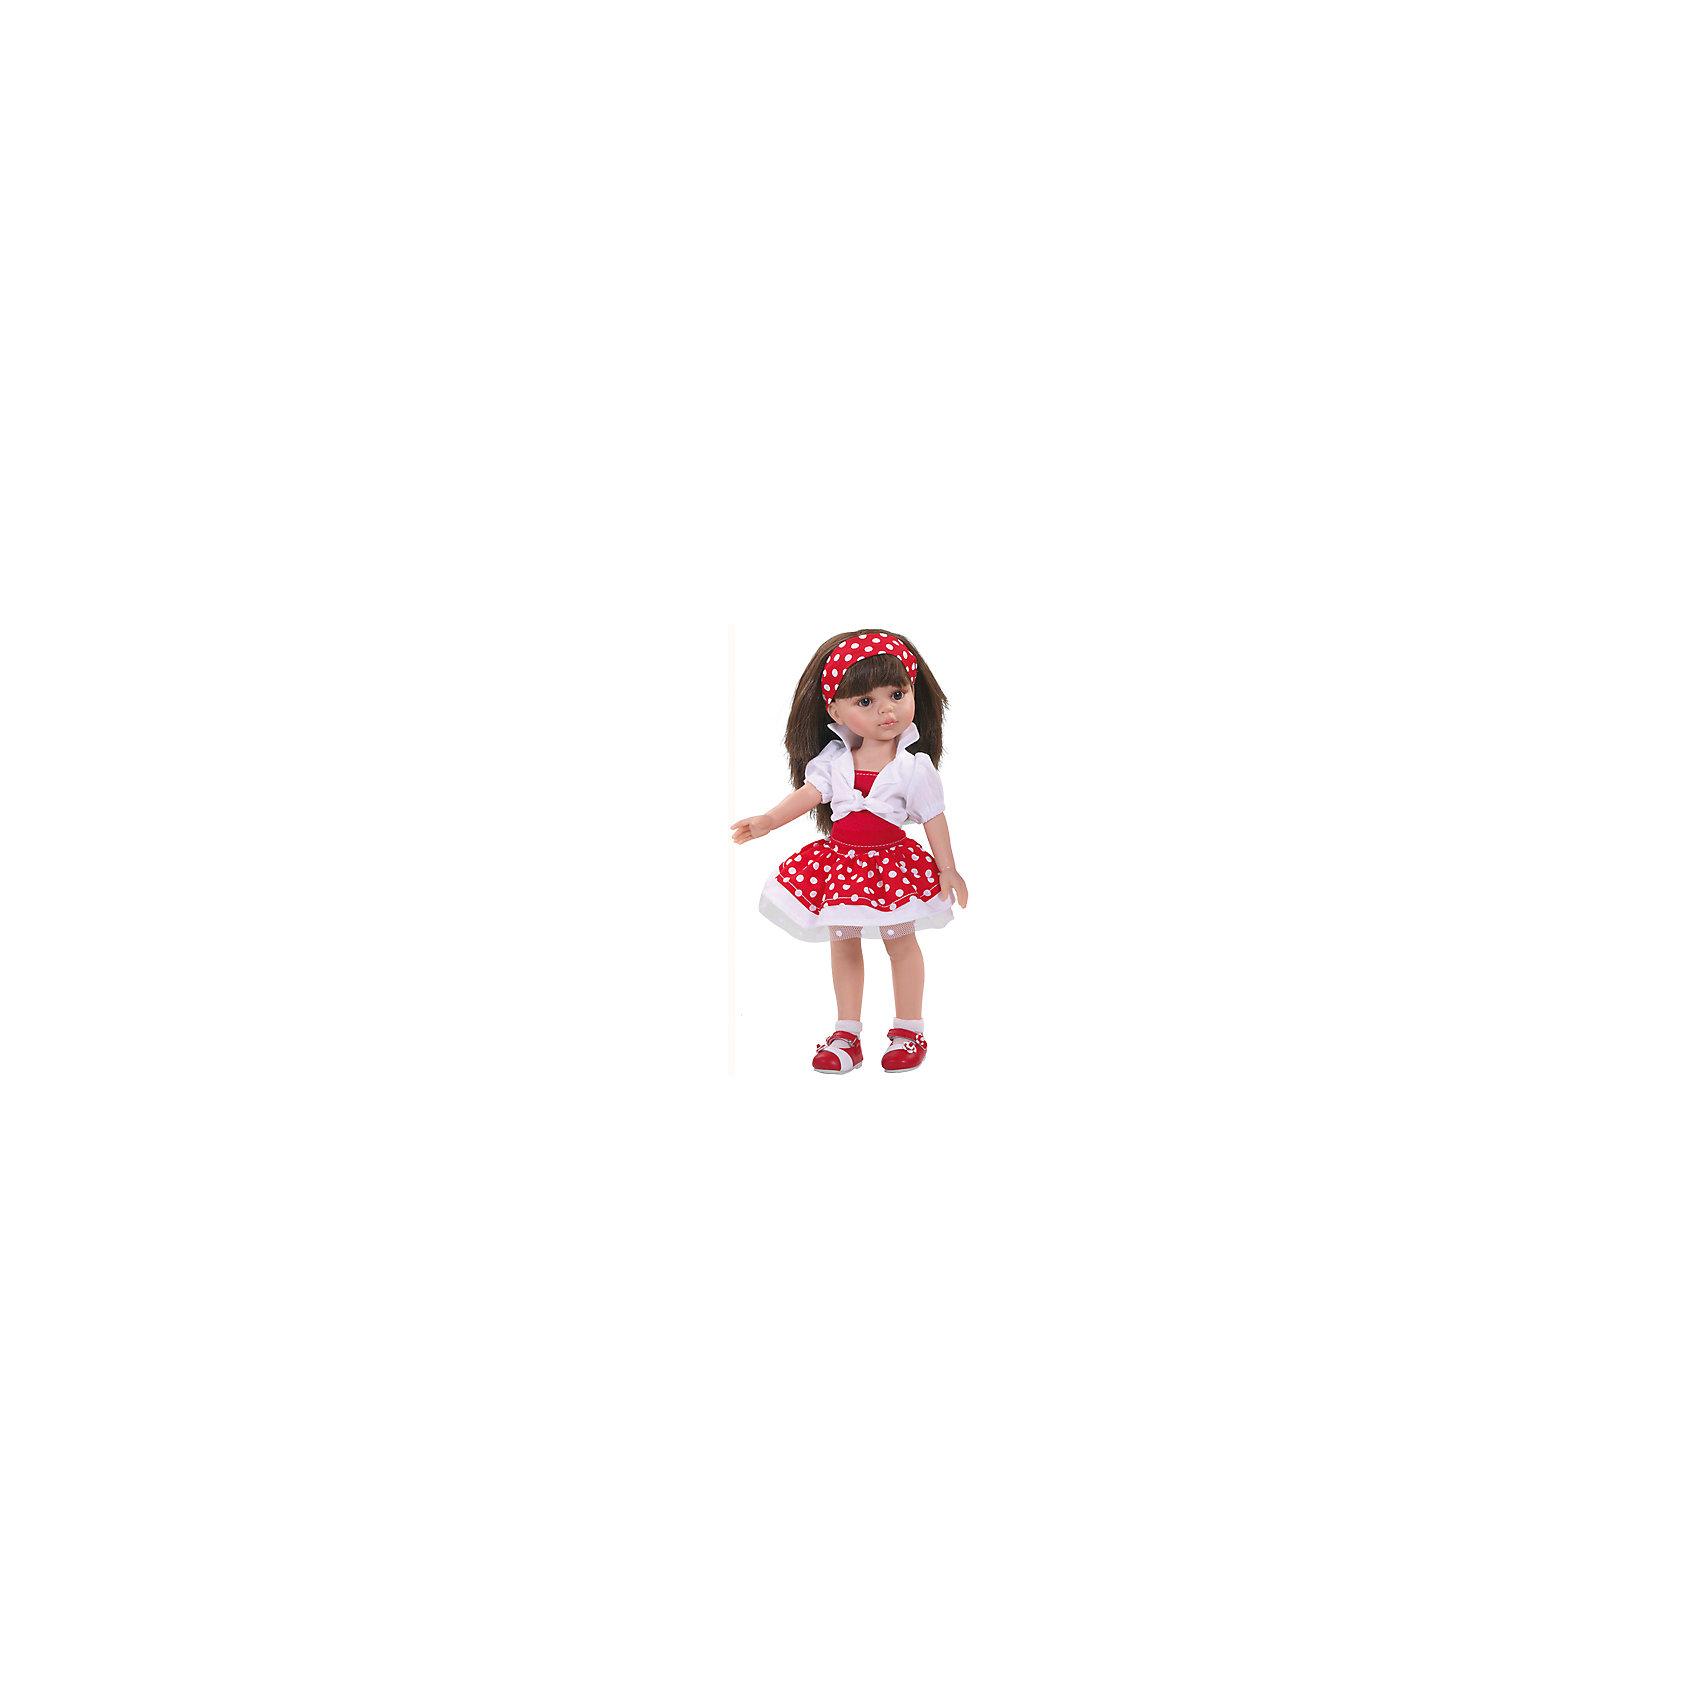 Кукла Карол, 32смИгра в куклы - это не только весело, но и помогает развить ключевые социальные навыки! Кукла Карол с длинными волосами, которые можно расчесывать, приведет в восторг любую девочку! Она сделана из высококачественного винила, одета в модный наряд. Её конечности подвижны,<br>а губы, щечки, веснушки и волосы – полностью ручная работа. Кукла приятно пахнет ванилью.<br>Эта кукла обязательно порадует ребенка! Он станет отличным подарком и поможет девочке развивать свою фантазию и мелкую моторику. Игрушка сделана из качественных и безопасных для ребенка материалов.<br><br>Дополнительная информация:<br><br>цвет: разноцветный;<br>высота: 32 см;<br>вес: 667 г;<br>комплектация: кукла, одежда, аксессуары;<br>материал: винил.<br><br>Куклу Карол, 32 см можно купить в нашем магазине.<br><br>Ширина мм: 11<br>Глубина мм: 23<br>Высота мм: 41<br>Вес г: 667<br>Возраст от месяцев: 36<br>Возраст до месяцев: 144<br>Пол: Женский<br>Возраст: Детский<br>SKU: 4918671